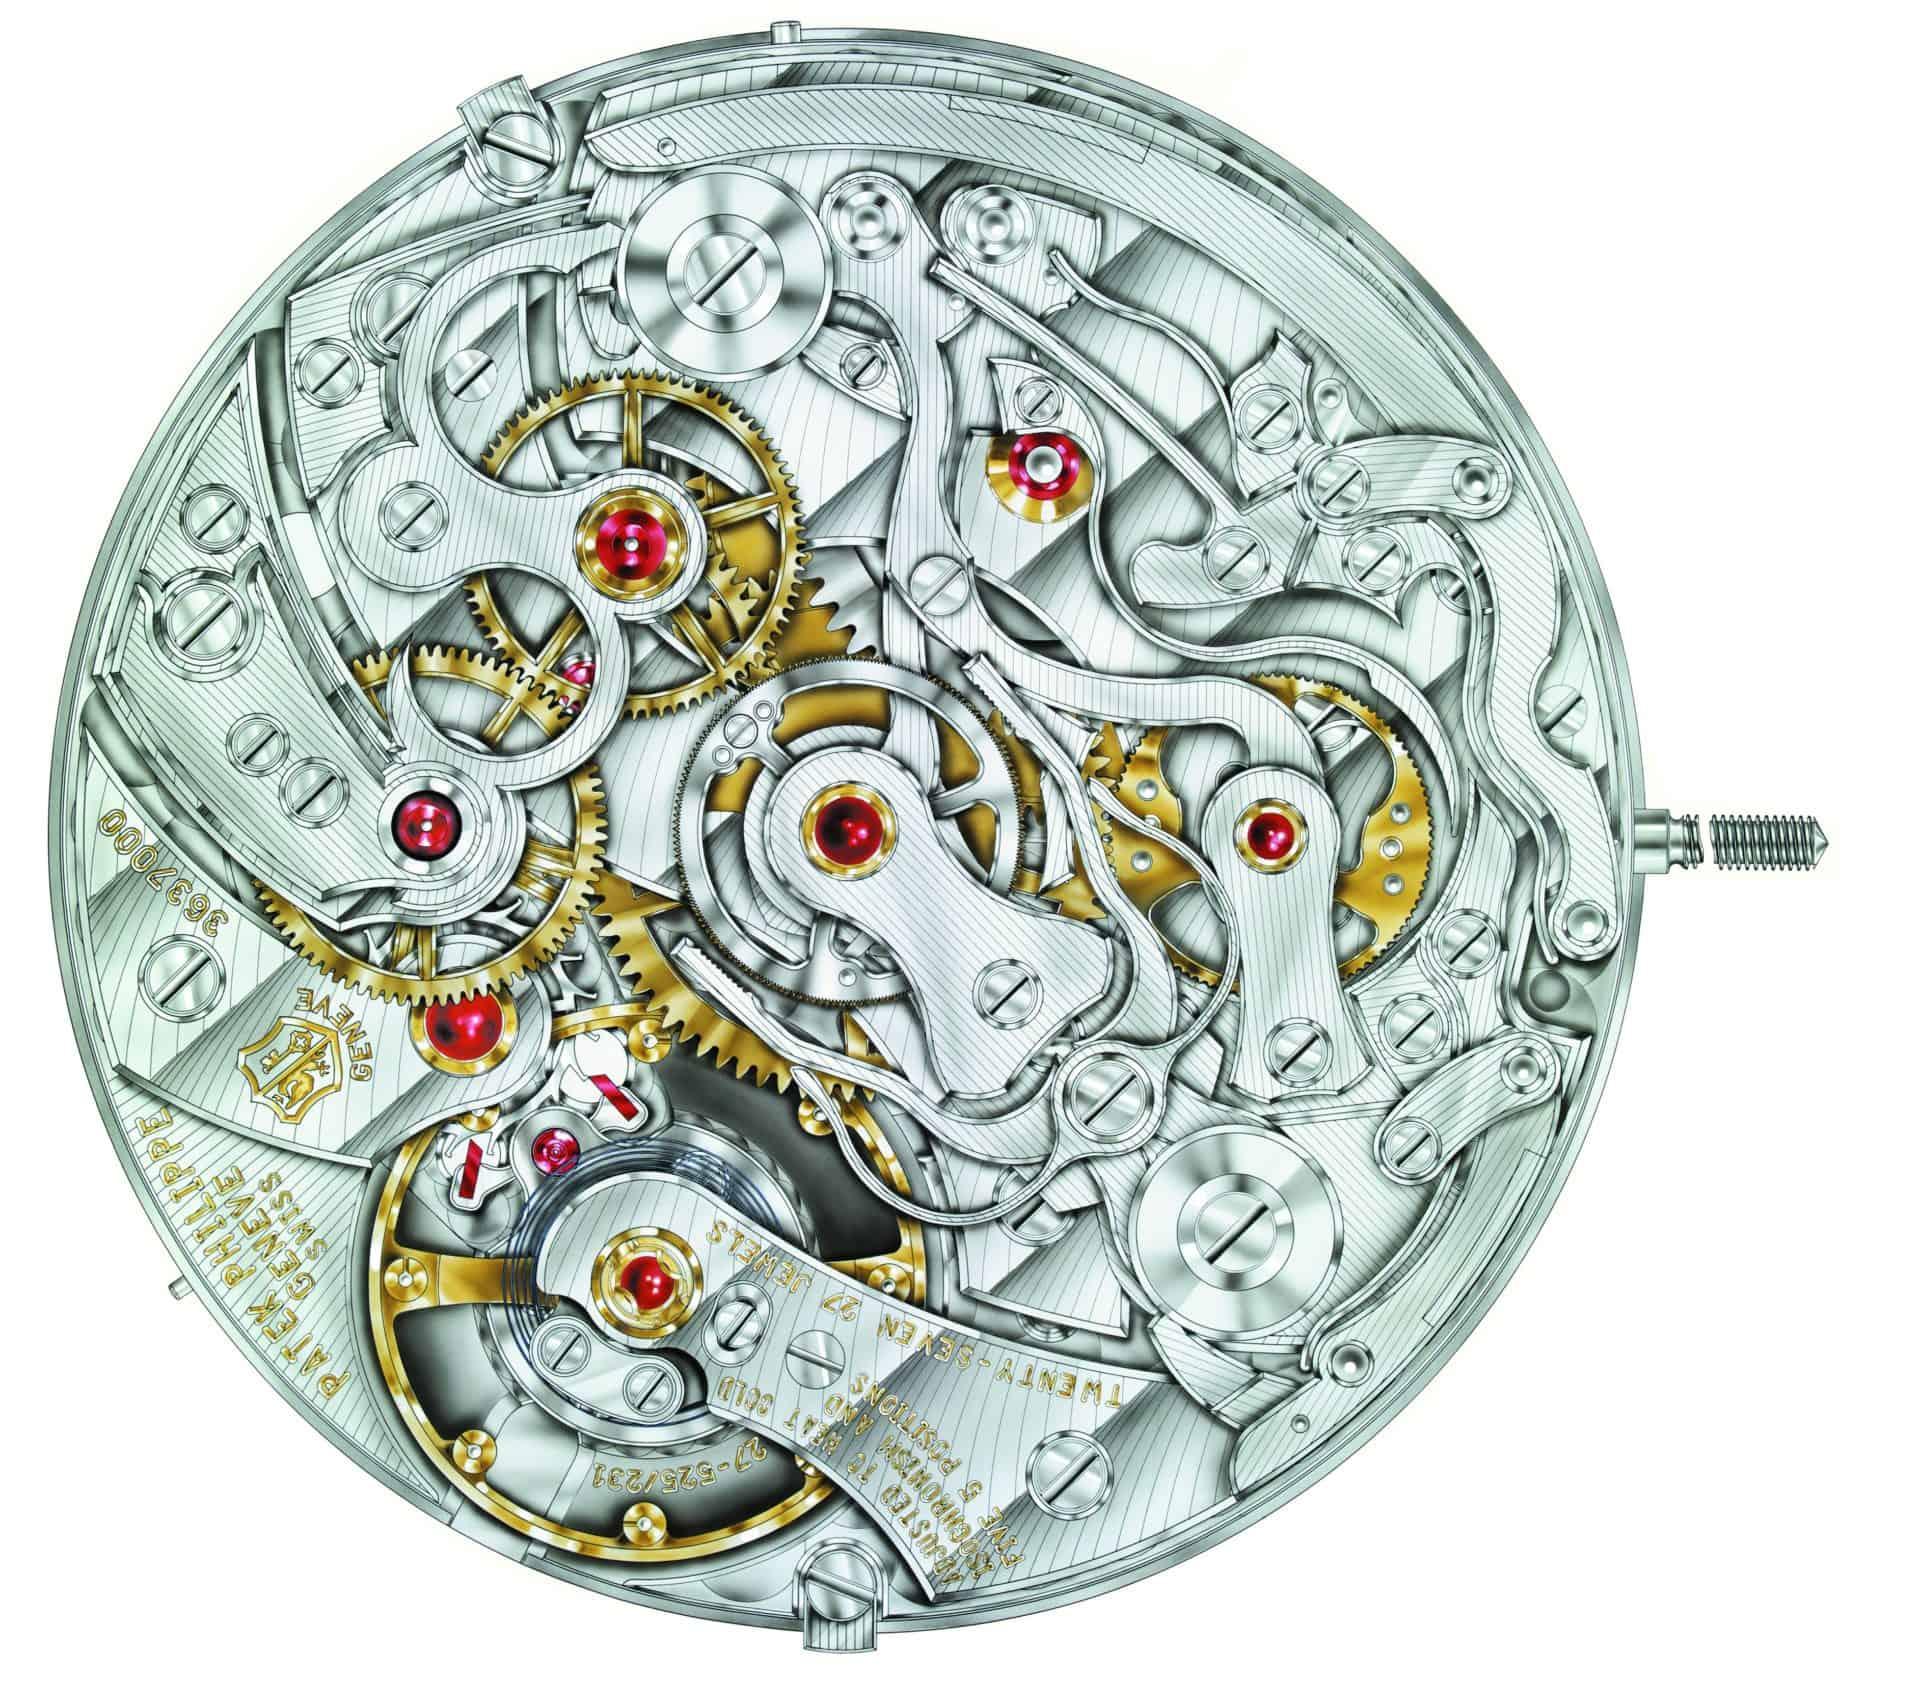 Des Uhrmachers Himmel - feinster Werkbau von Patek Philippe mit den gut sichtbaren Rubin-Lagersteinen